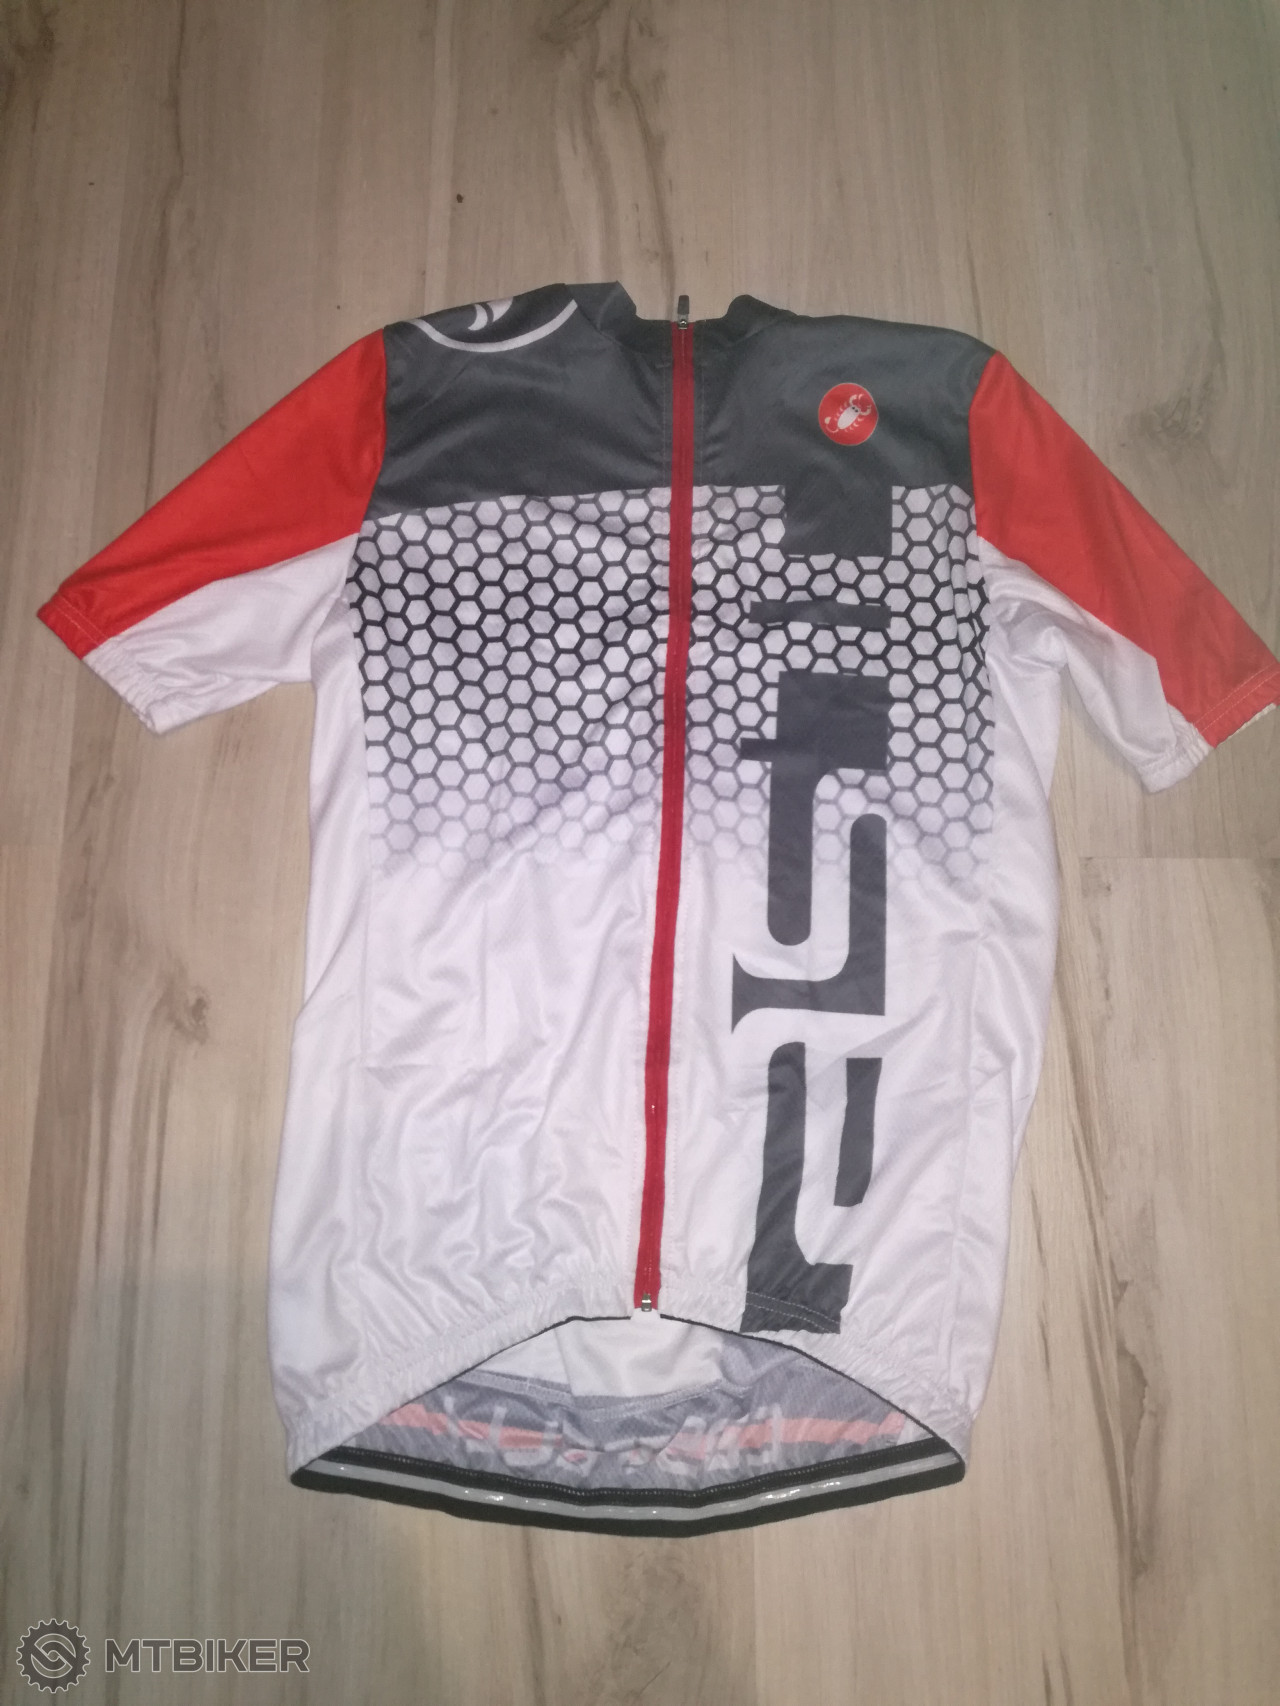 de94f11a1abe7 Cyklistický Dres Castelli - Príslušenstvo - Oblečenie a batohy - Bazár  MTBIKER